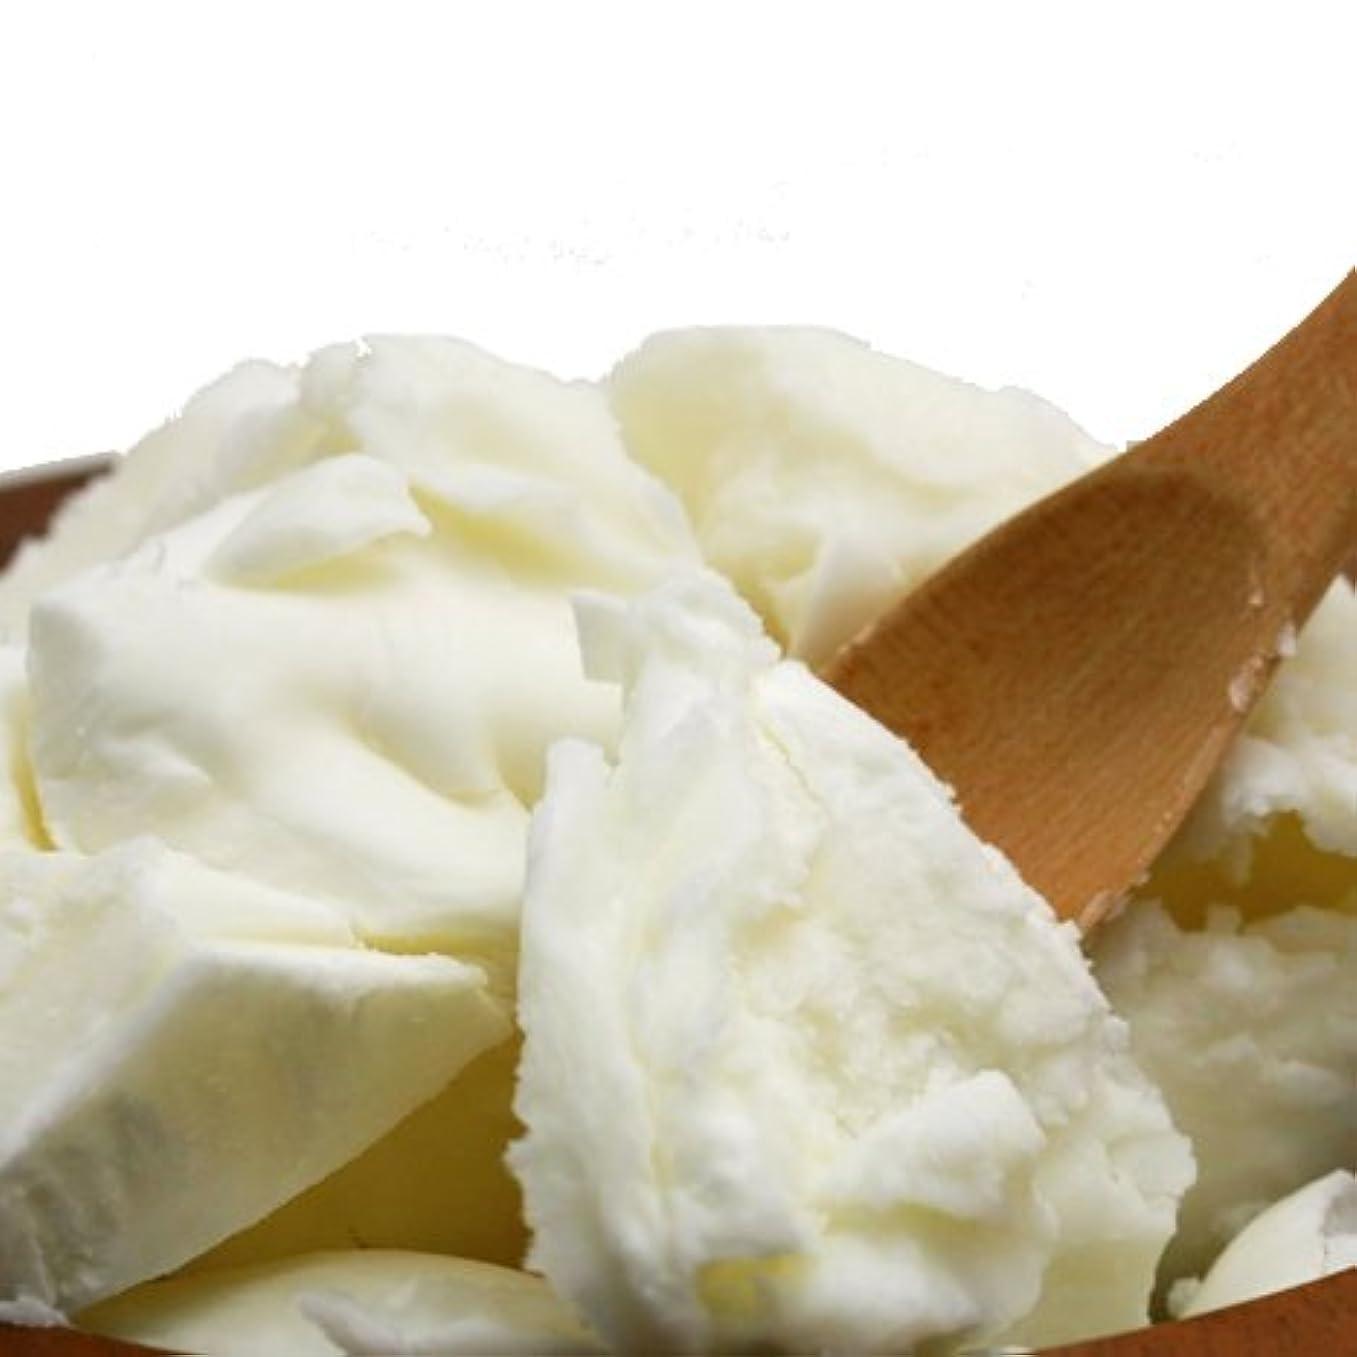 酔うもろいリボンオーガニック 精製シアバター 100g シア脂 【手作り石鹸/手作りコスメ/手作り化粧品】